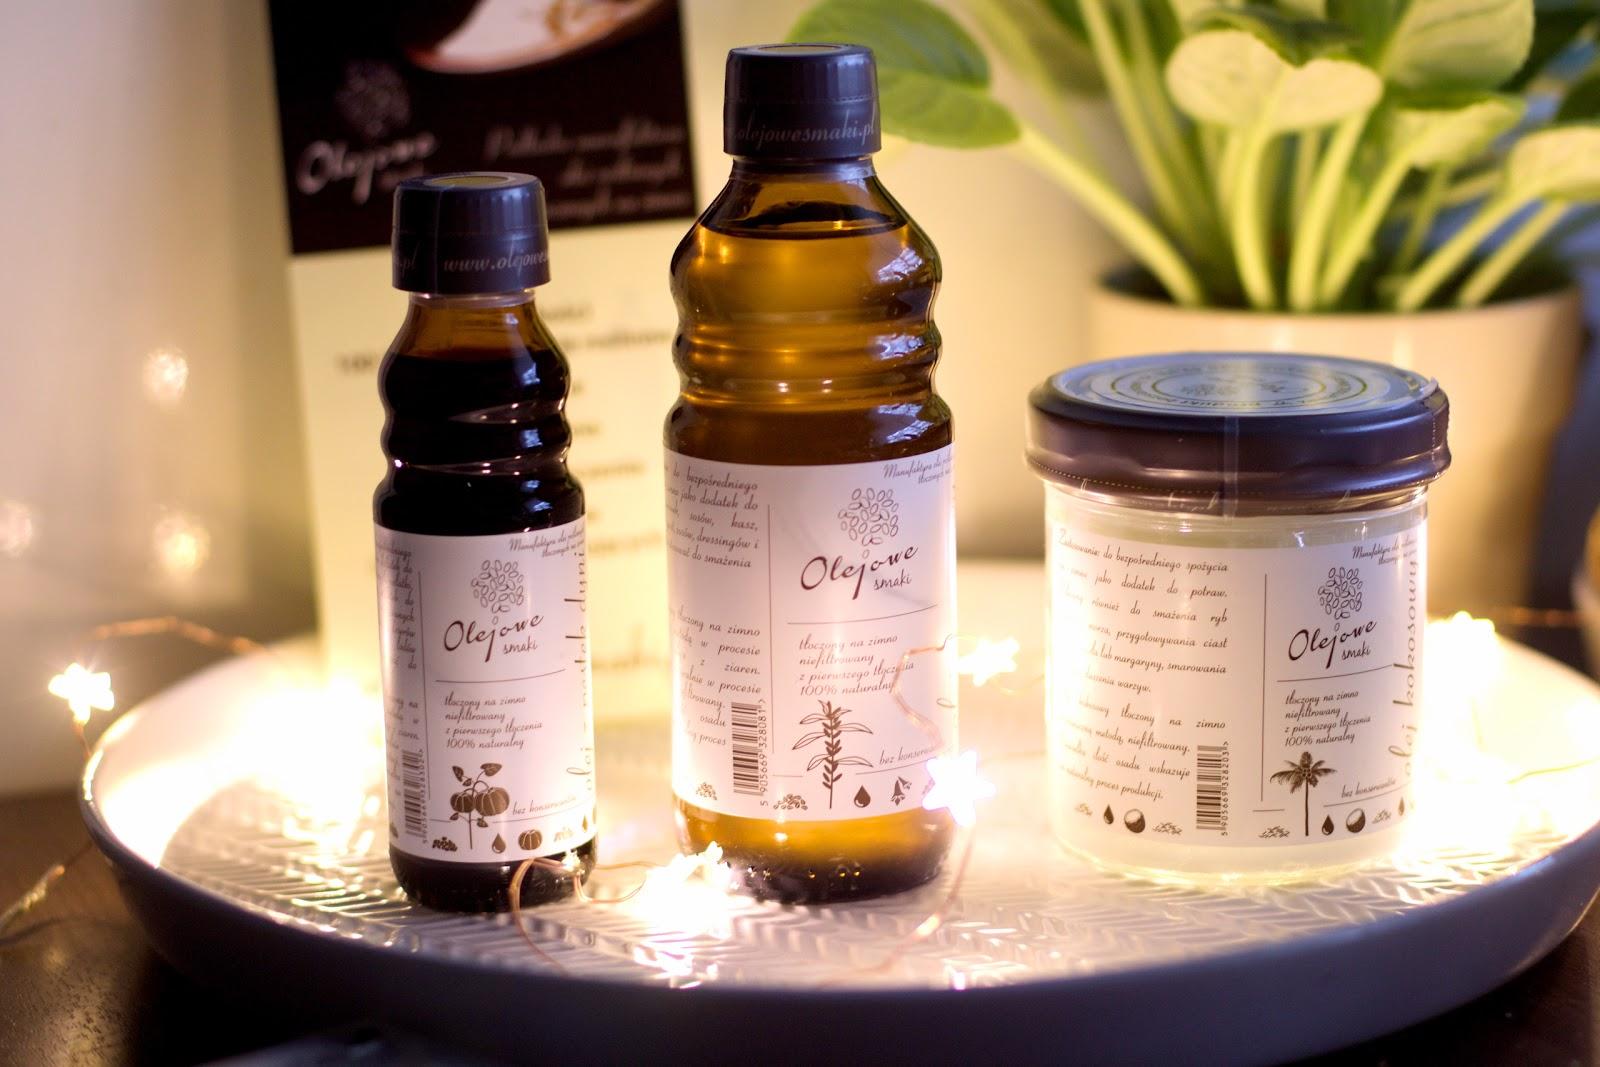 70f4fb52e710 Dziś chciałam wam pokazać kilka produktów firmy OLEJOWE SMAKI. Jak wiecie  nie samymi kosmetykami człowiek żyje. Dodatkowo lubię wspierać polskie  marki